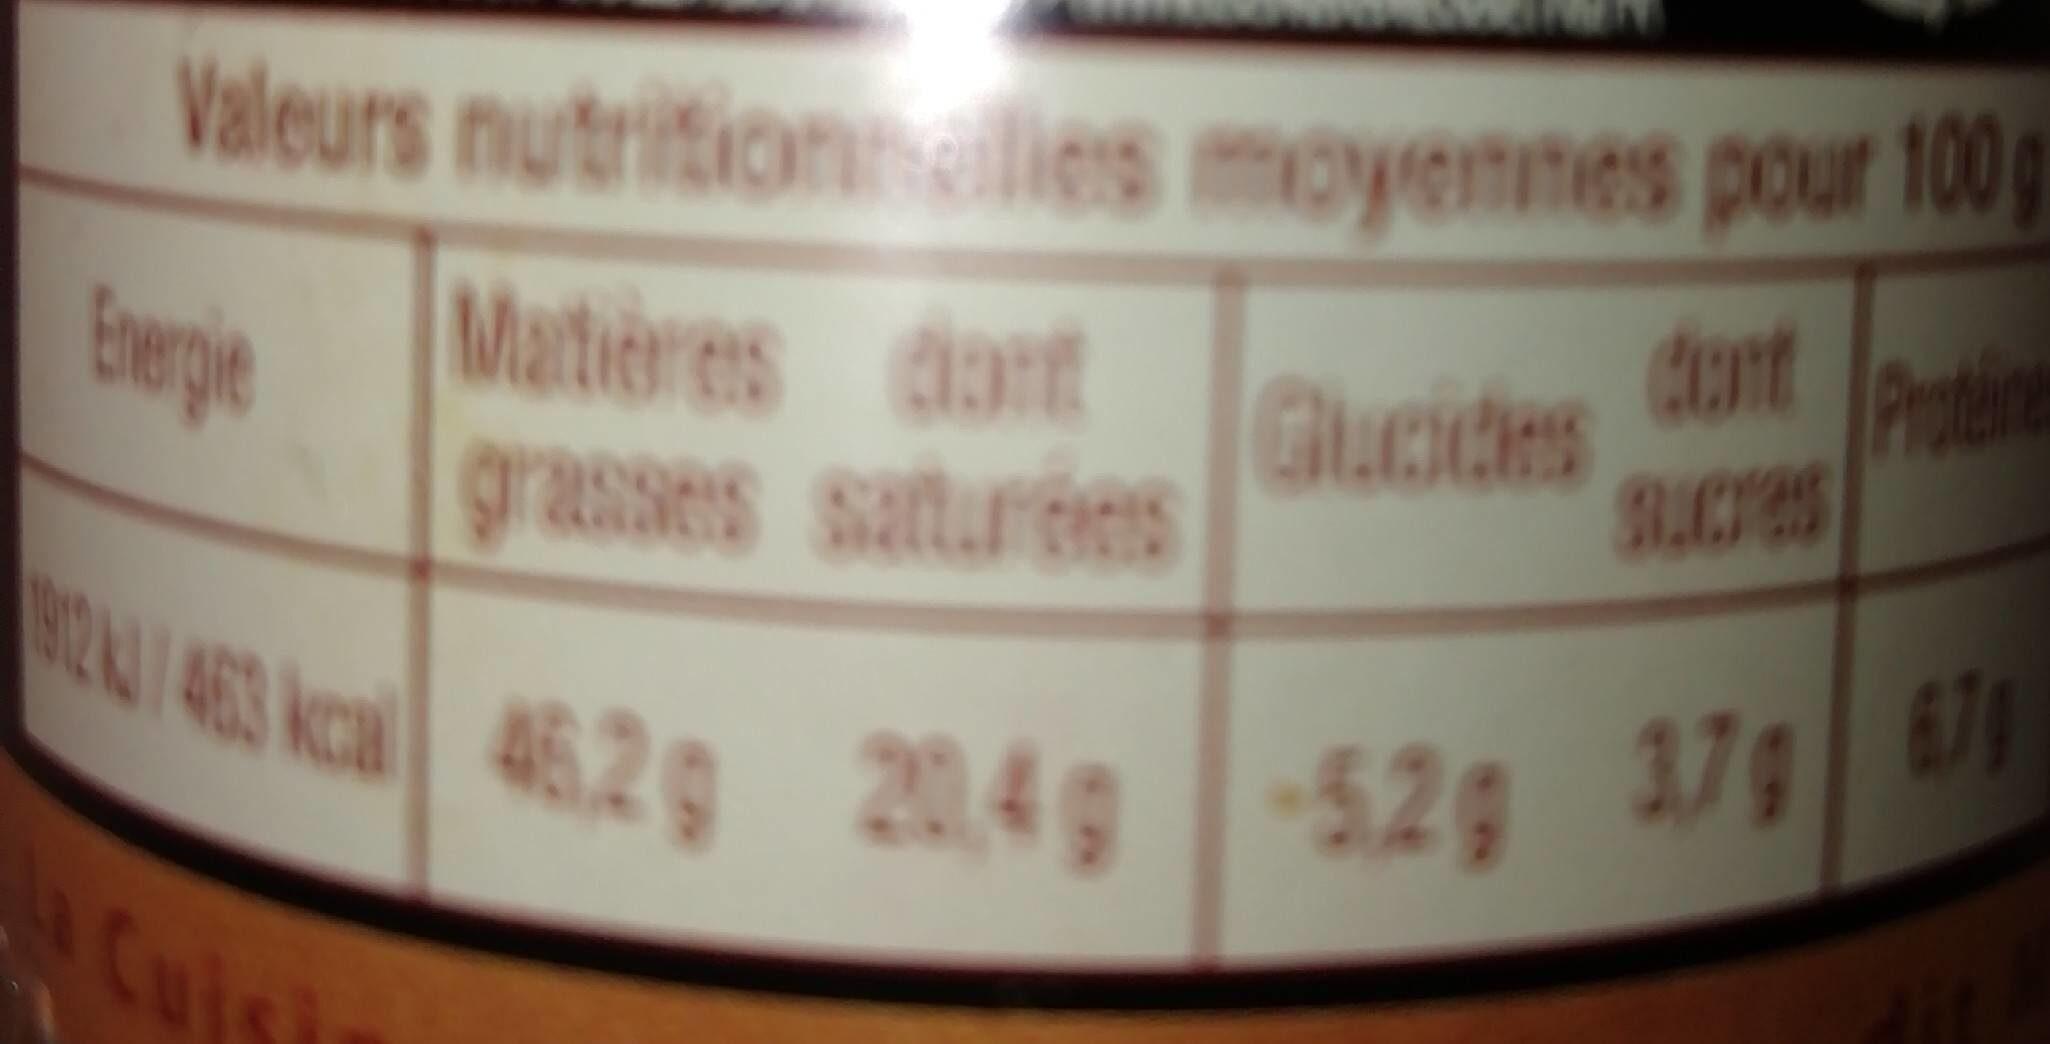 Spécialité de bloc de foie gras de canard aux abricots - Voedingswaarden